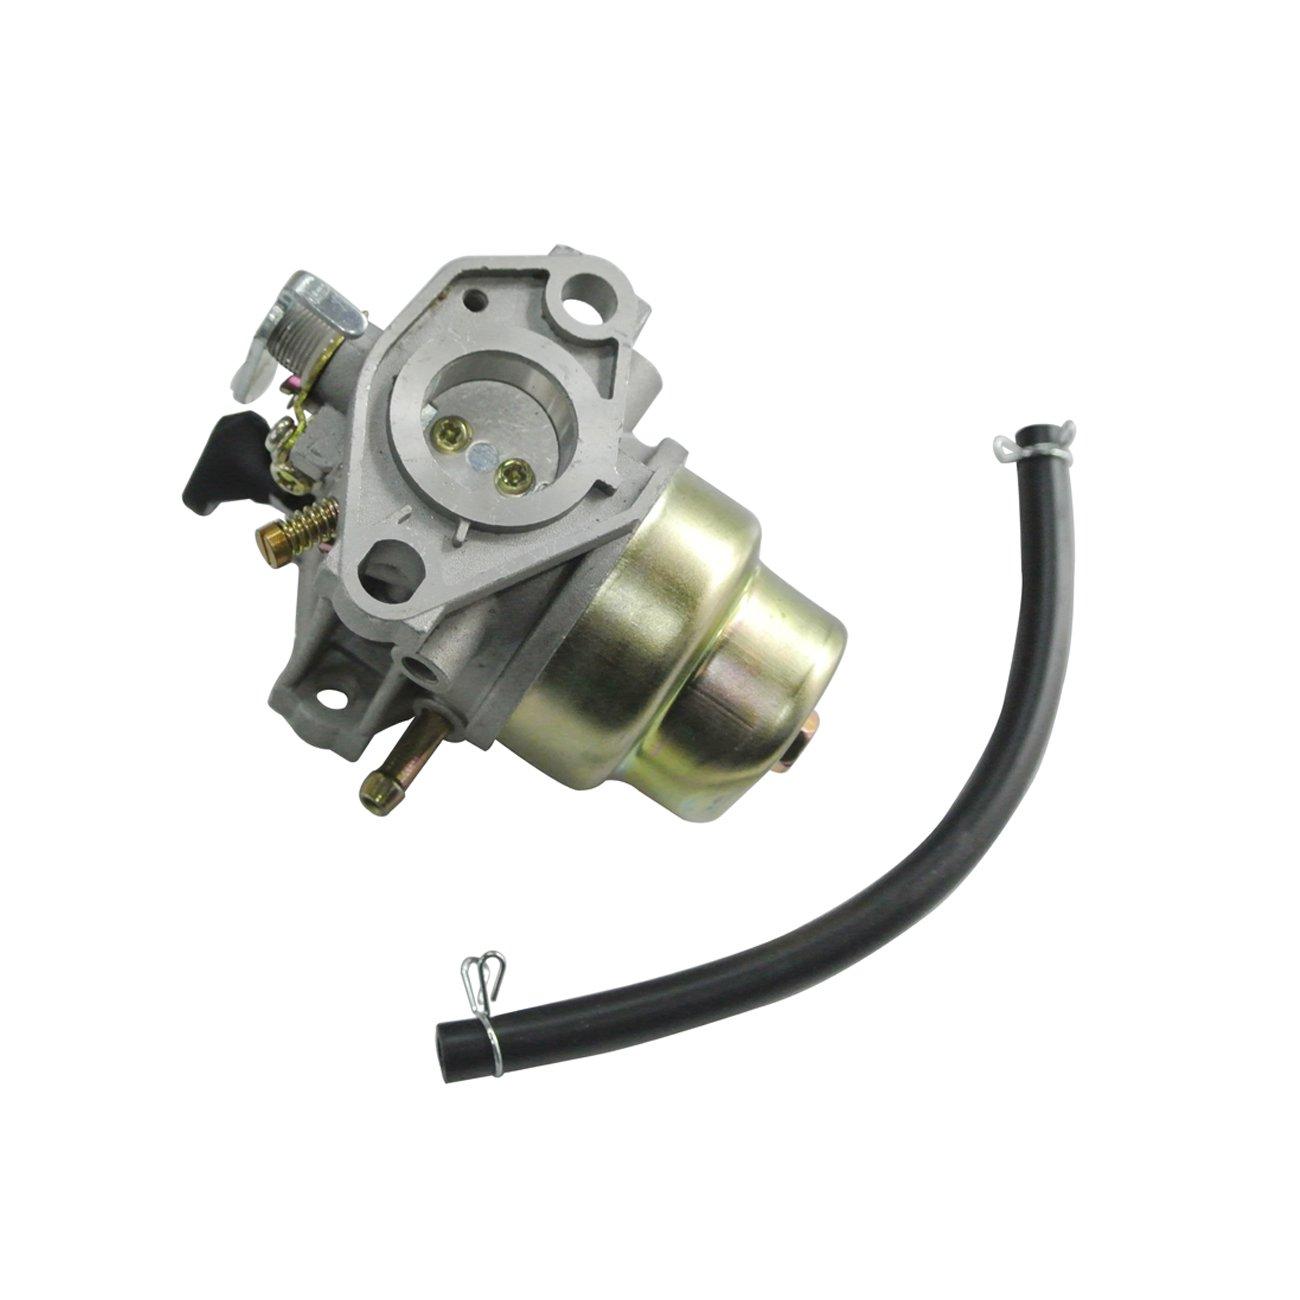 JRL Carburettor Carb For Honda G300 Engine Motor Generator Lawn Mower